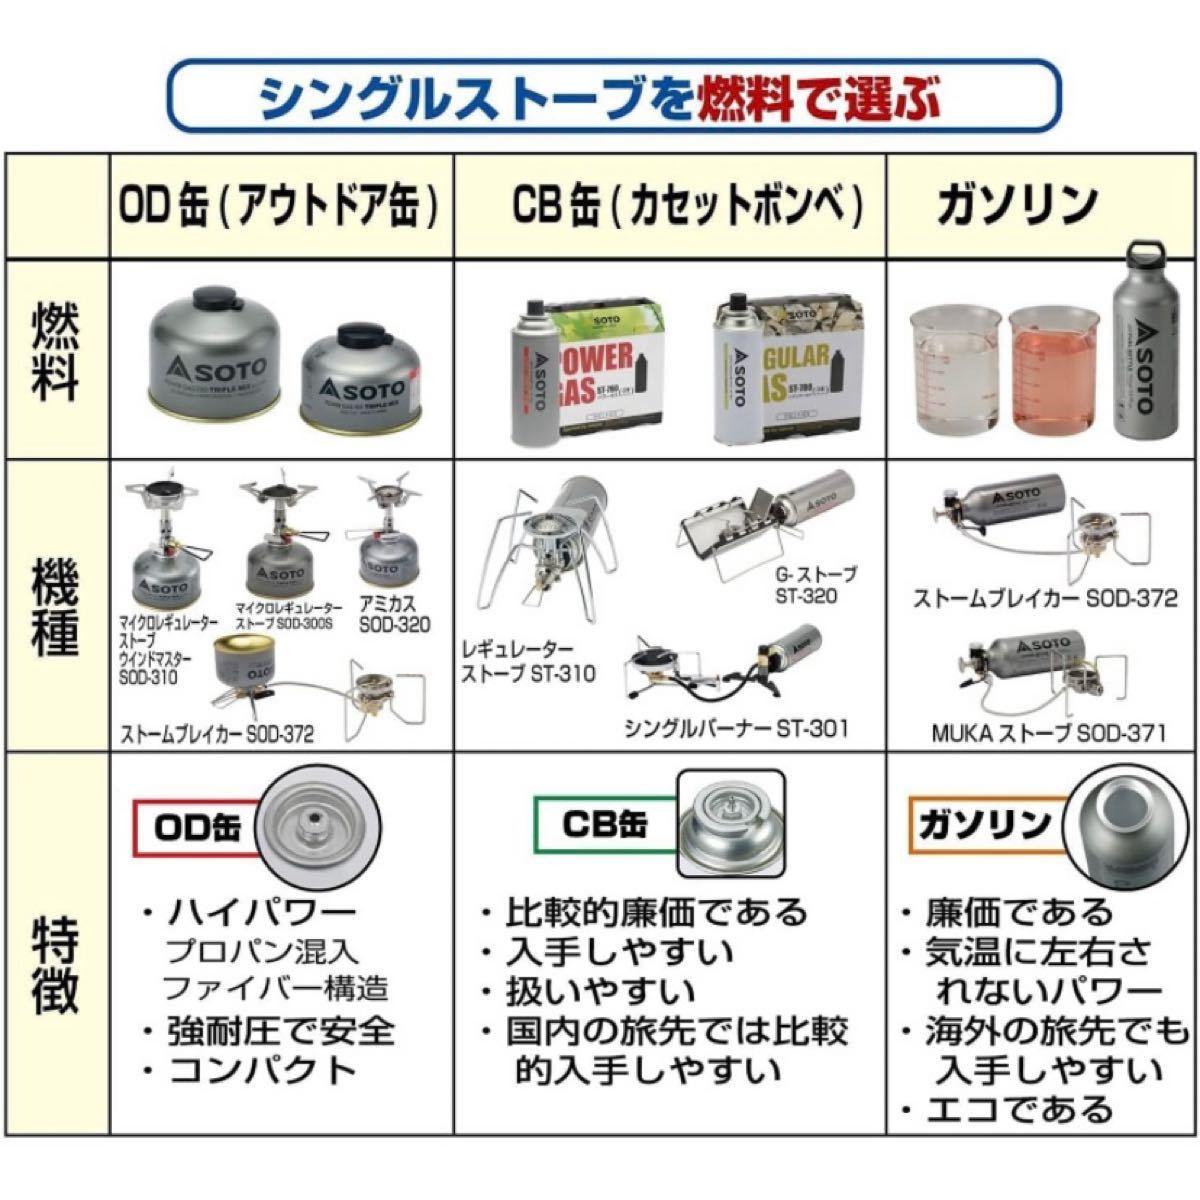 ソト(SOTO) レギュレーターストーブ 【限定 モノトーン】ST-310 シングルバーナー カセットガス